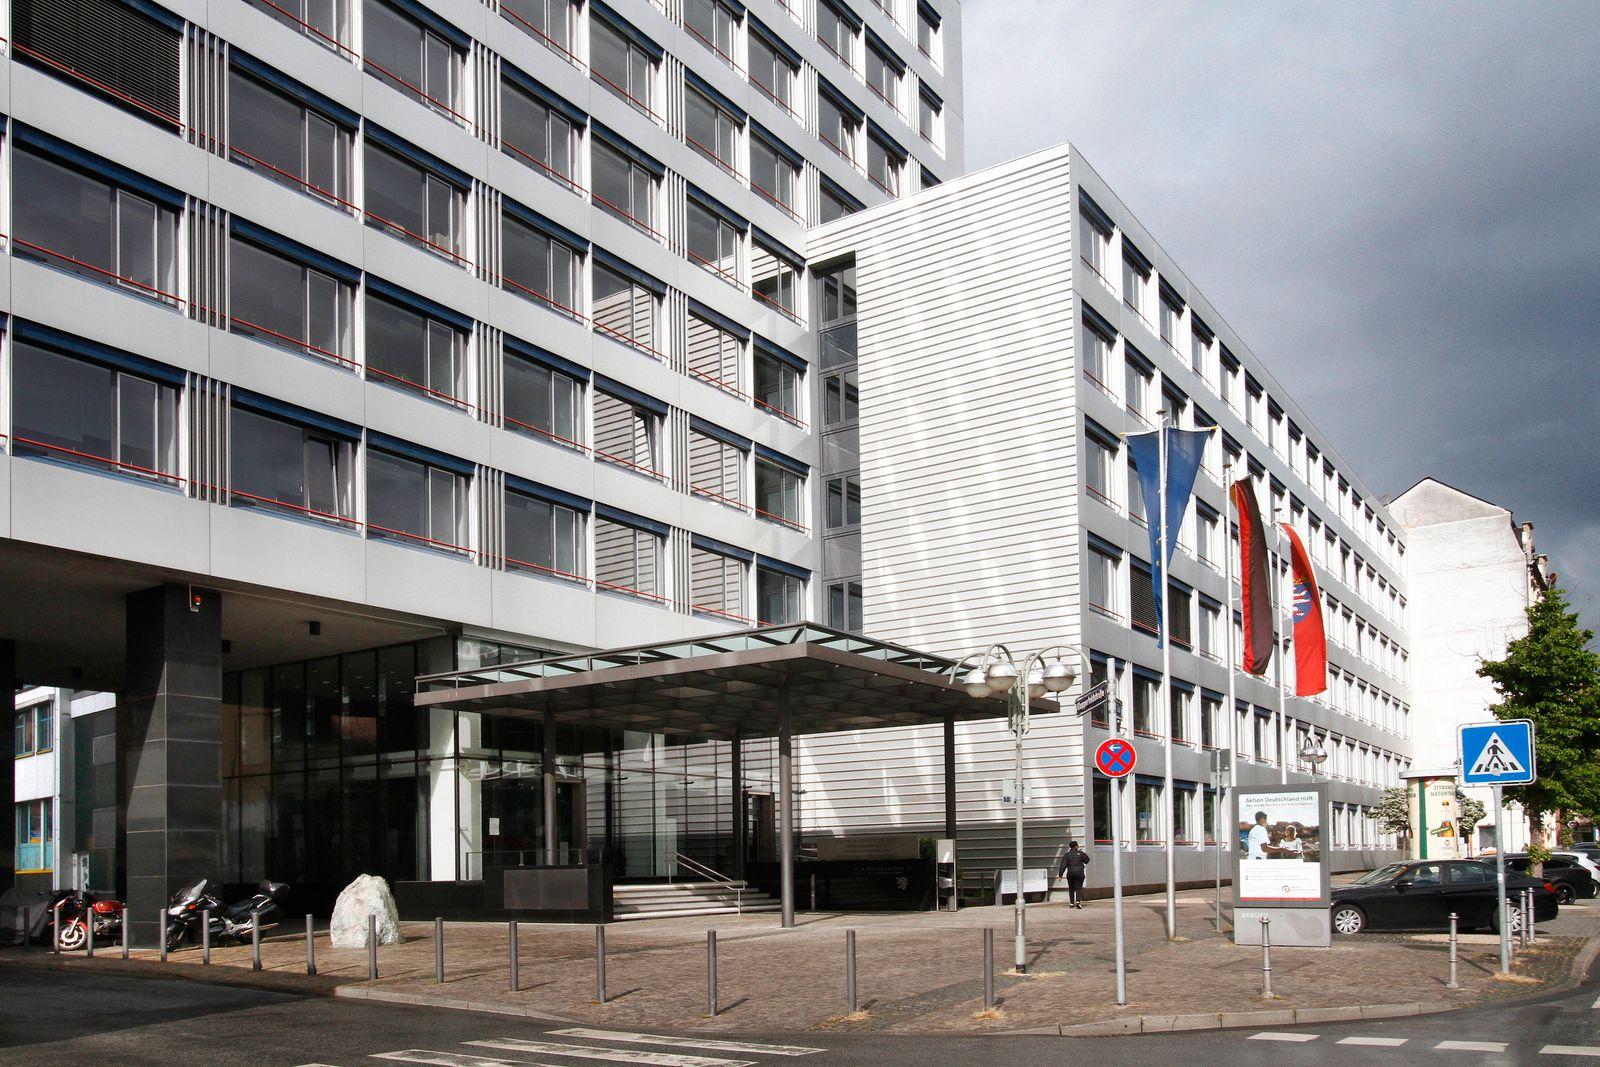 Gerichtsgebäude D mit Oberlandesgericht, Generalstaatsanwaltschaft, hessischer Anwaltsgerichtshof und hessisches Minist